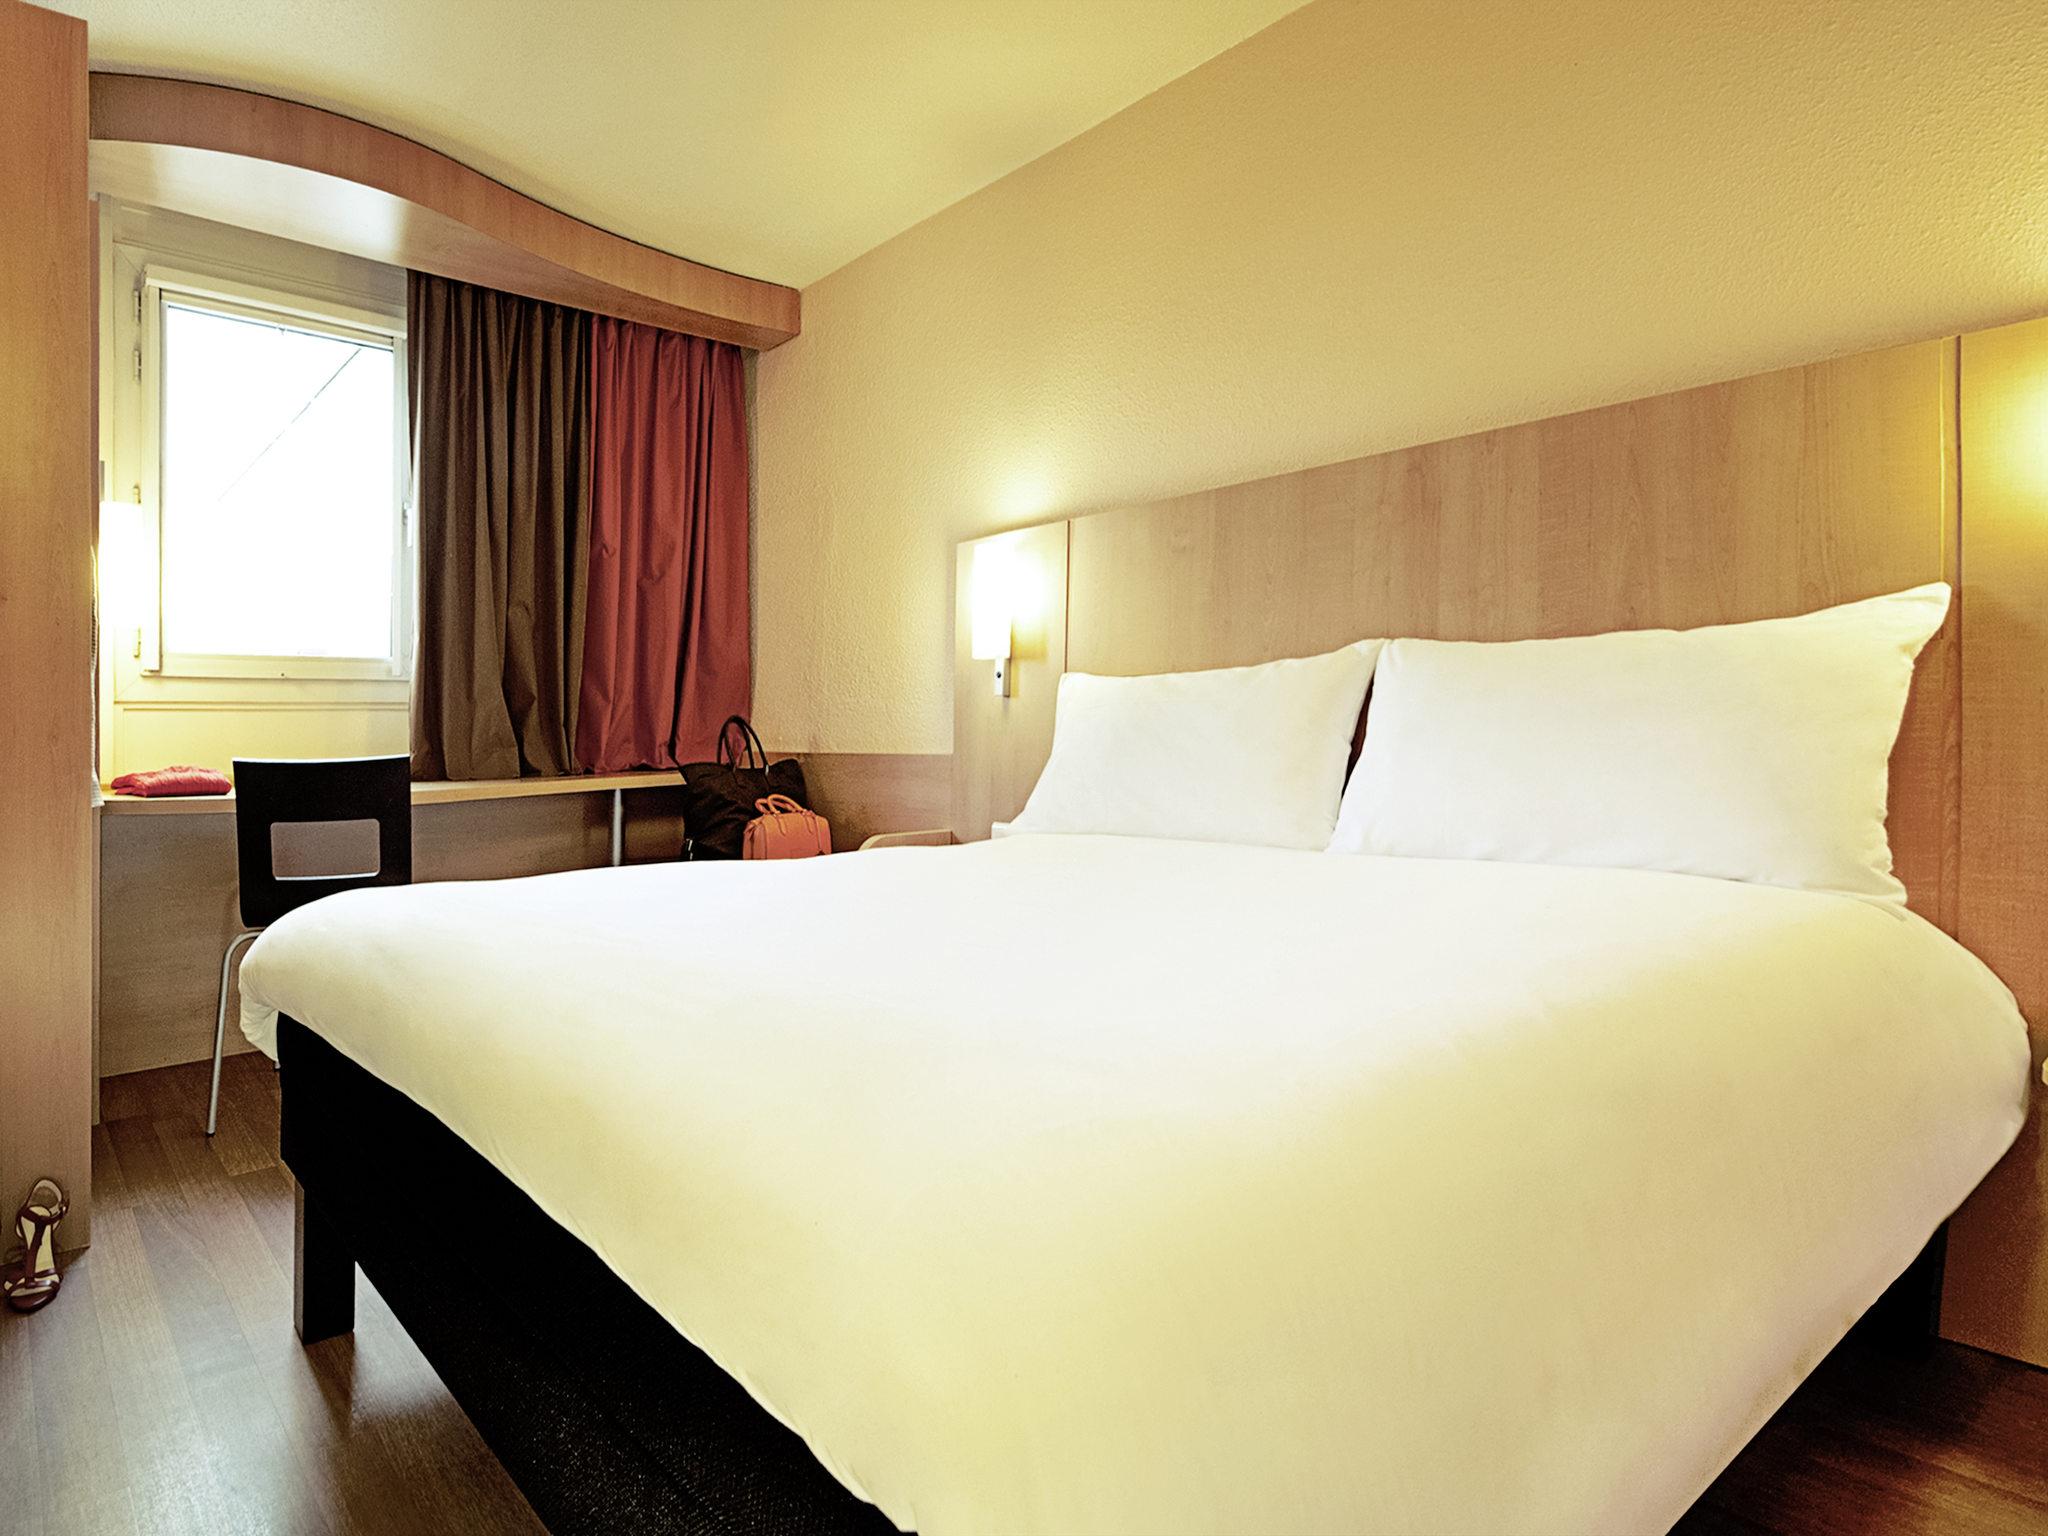 酒店 – 宜必思康塞普西翁酒店